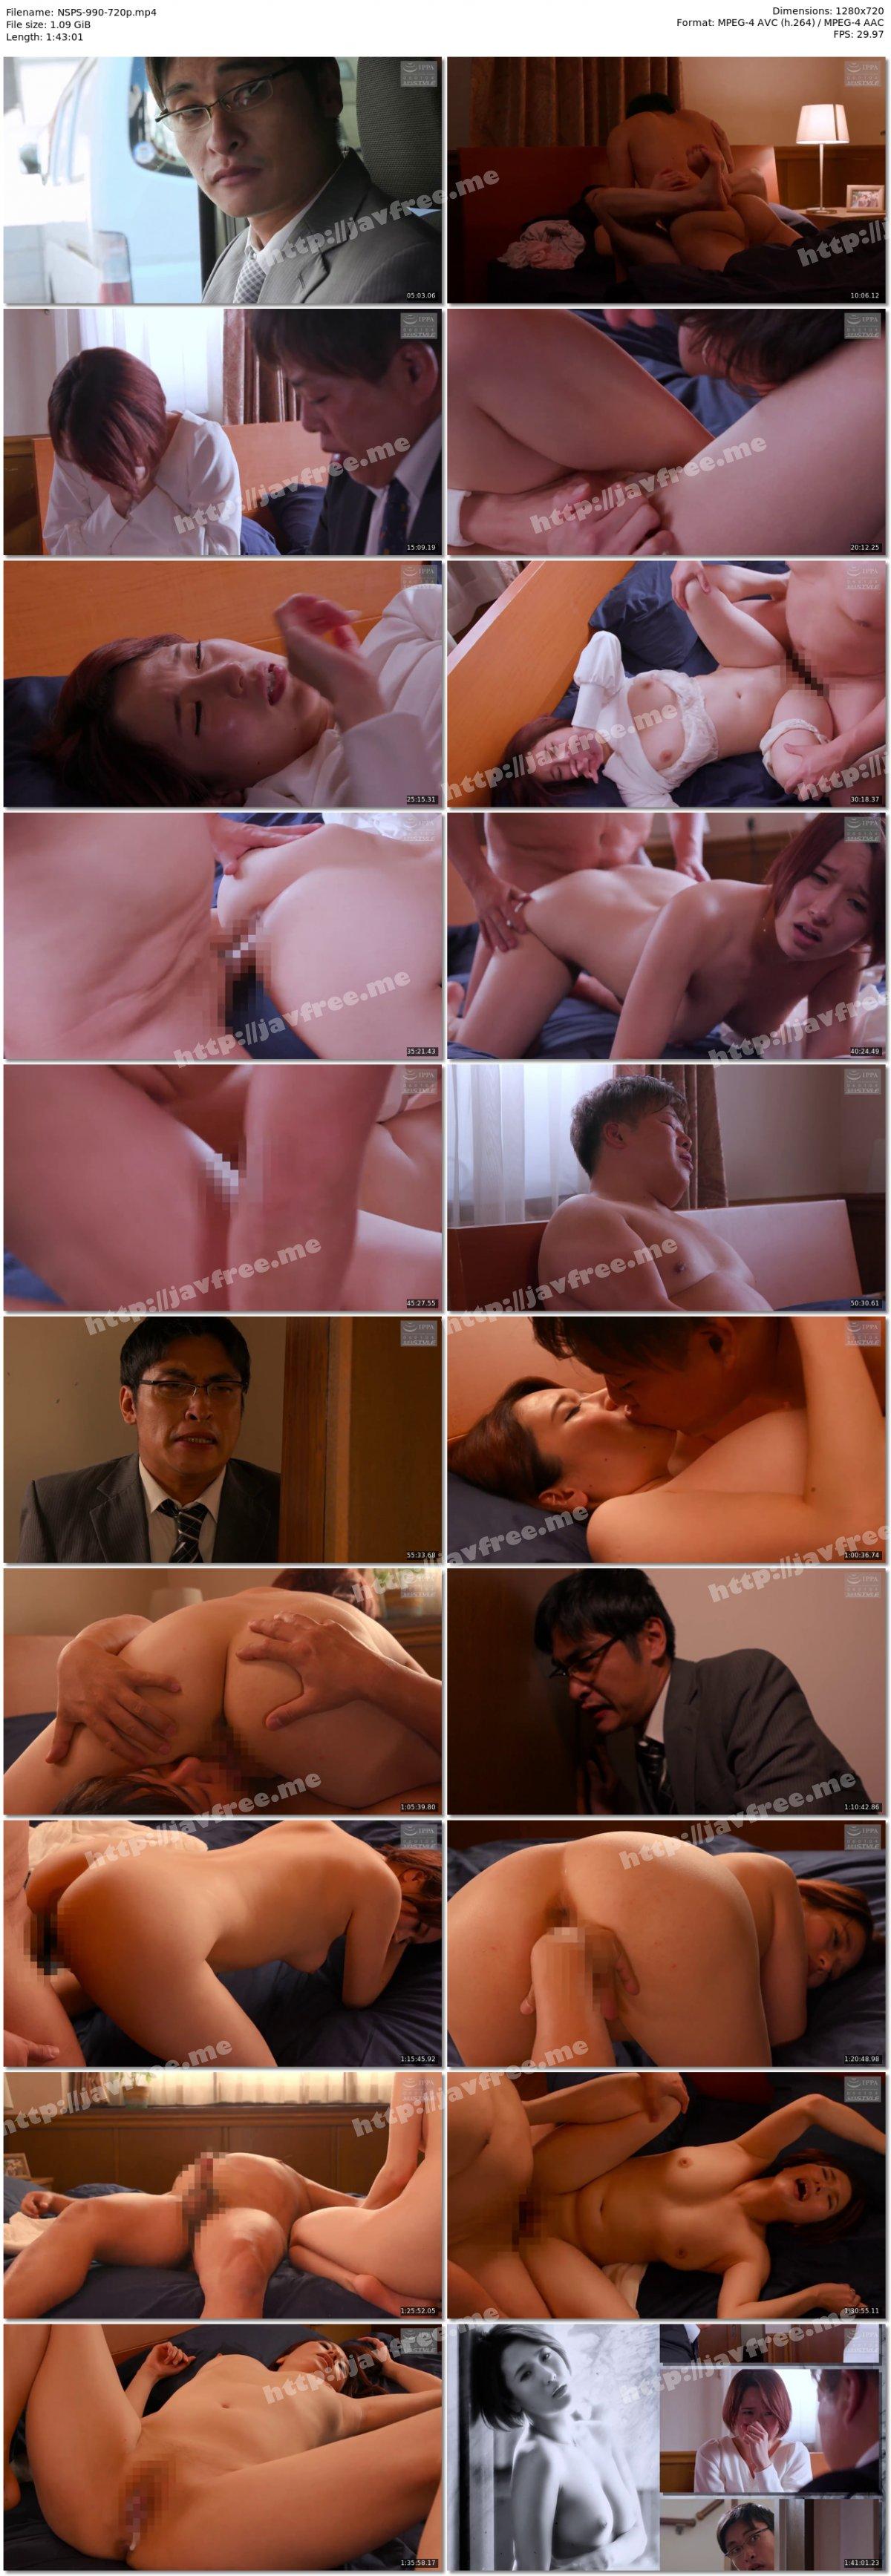 [HD][NSPS-990] 夫の上司に抱かれ子づくりしてしまった妻2 乃木はるか - image NSPS-990-720p on https://javfree.me